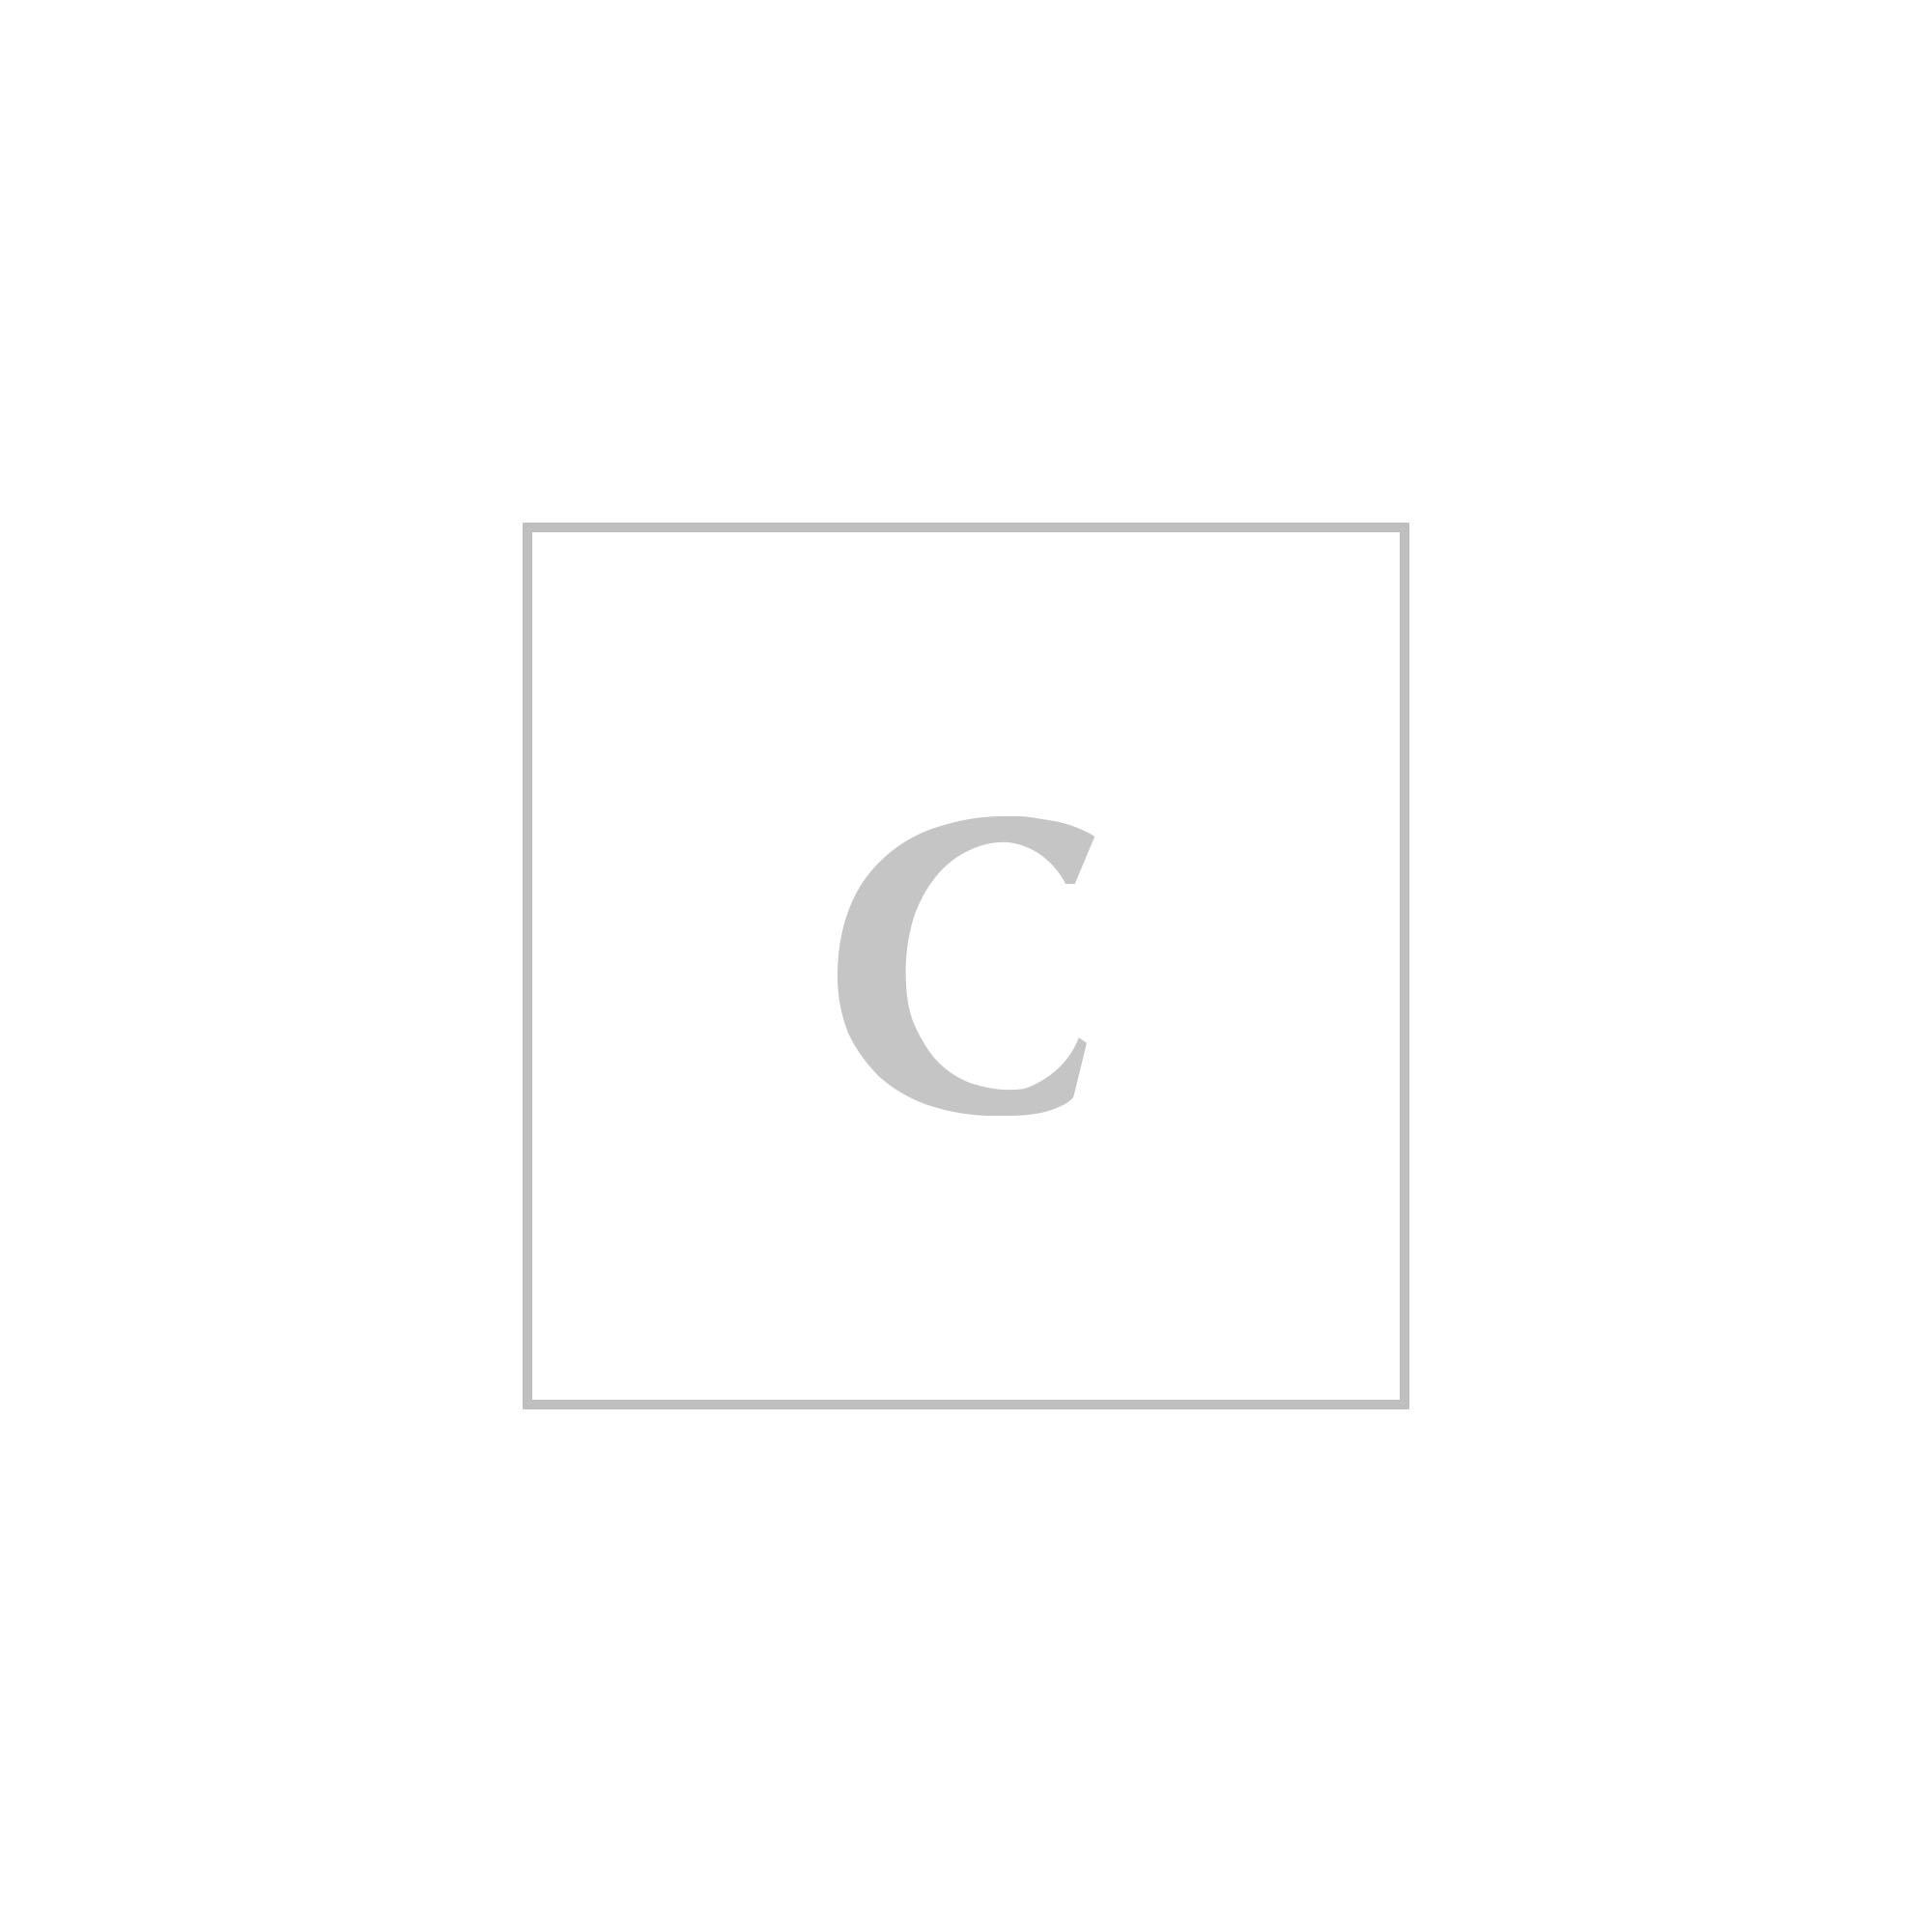 Salvatore ferragamo scarpa 3e narciso 028211 003 mvit venice